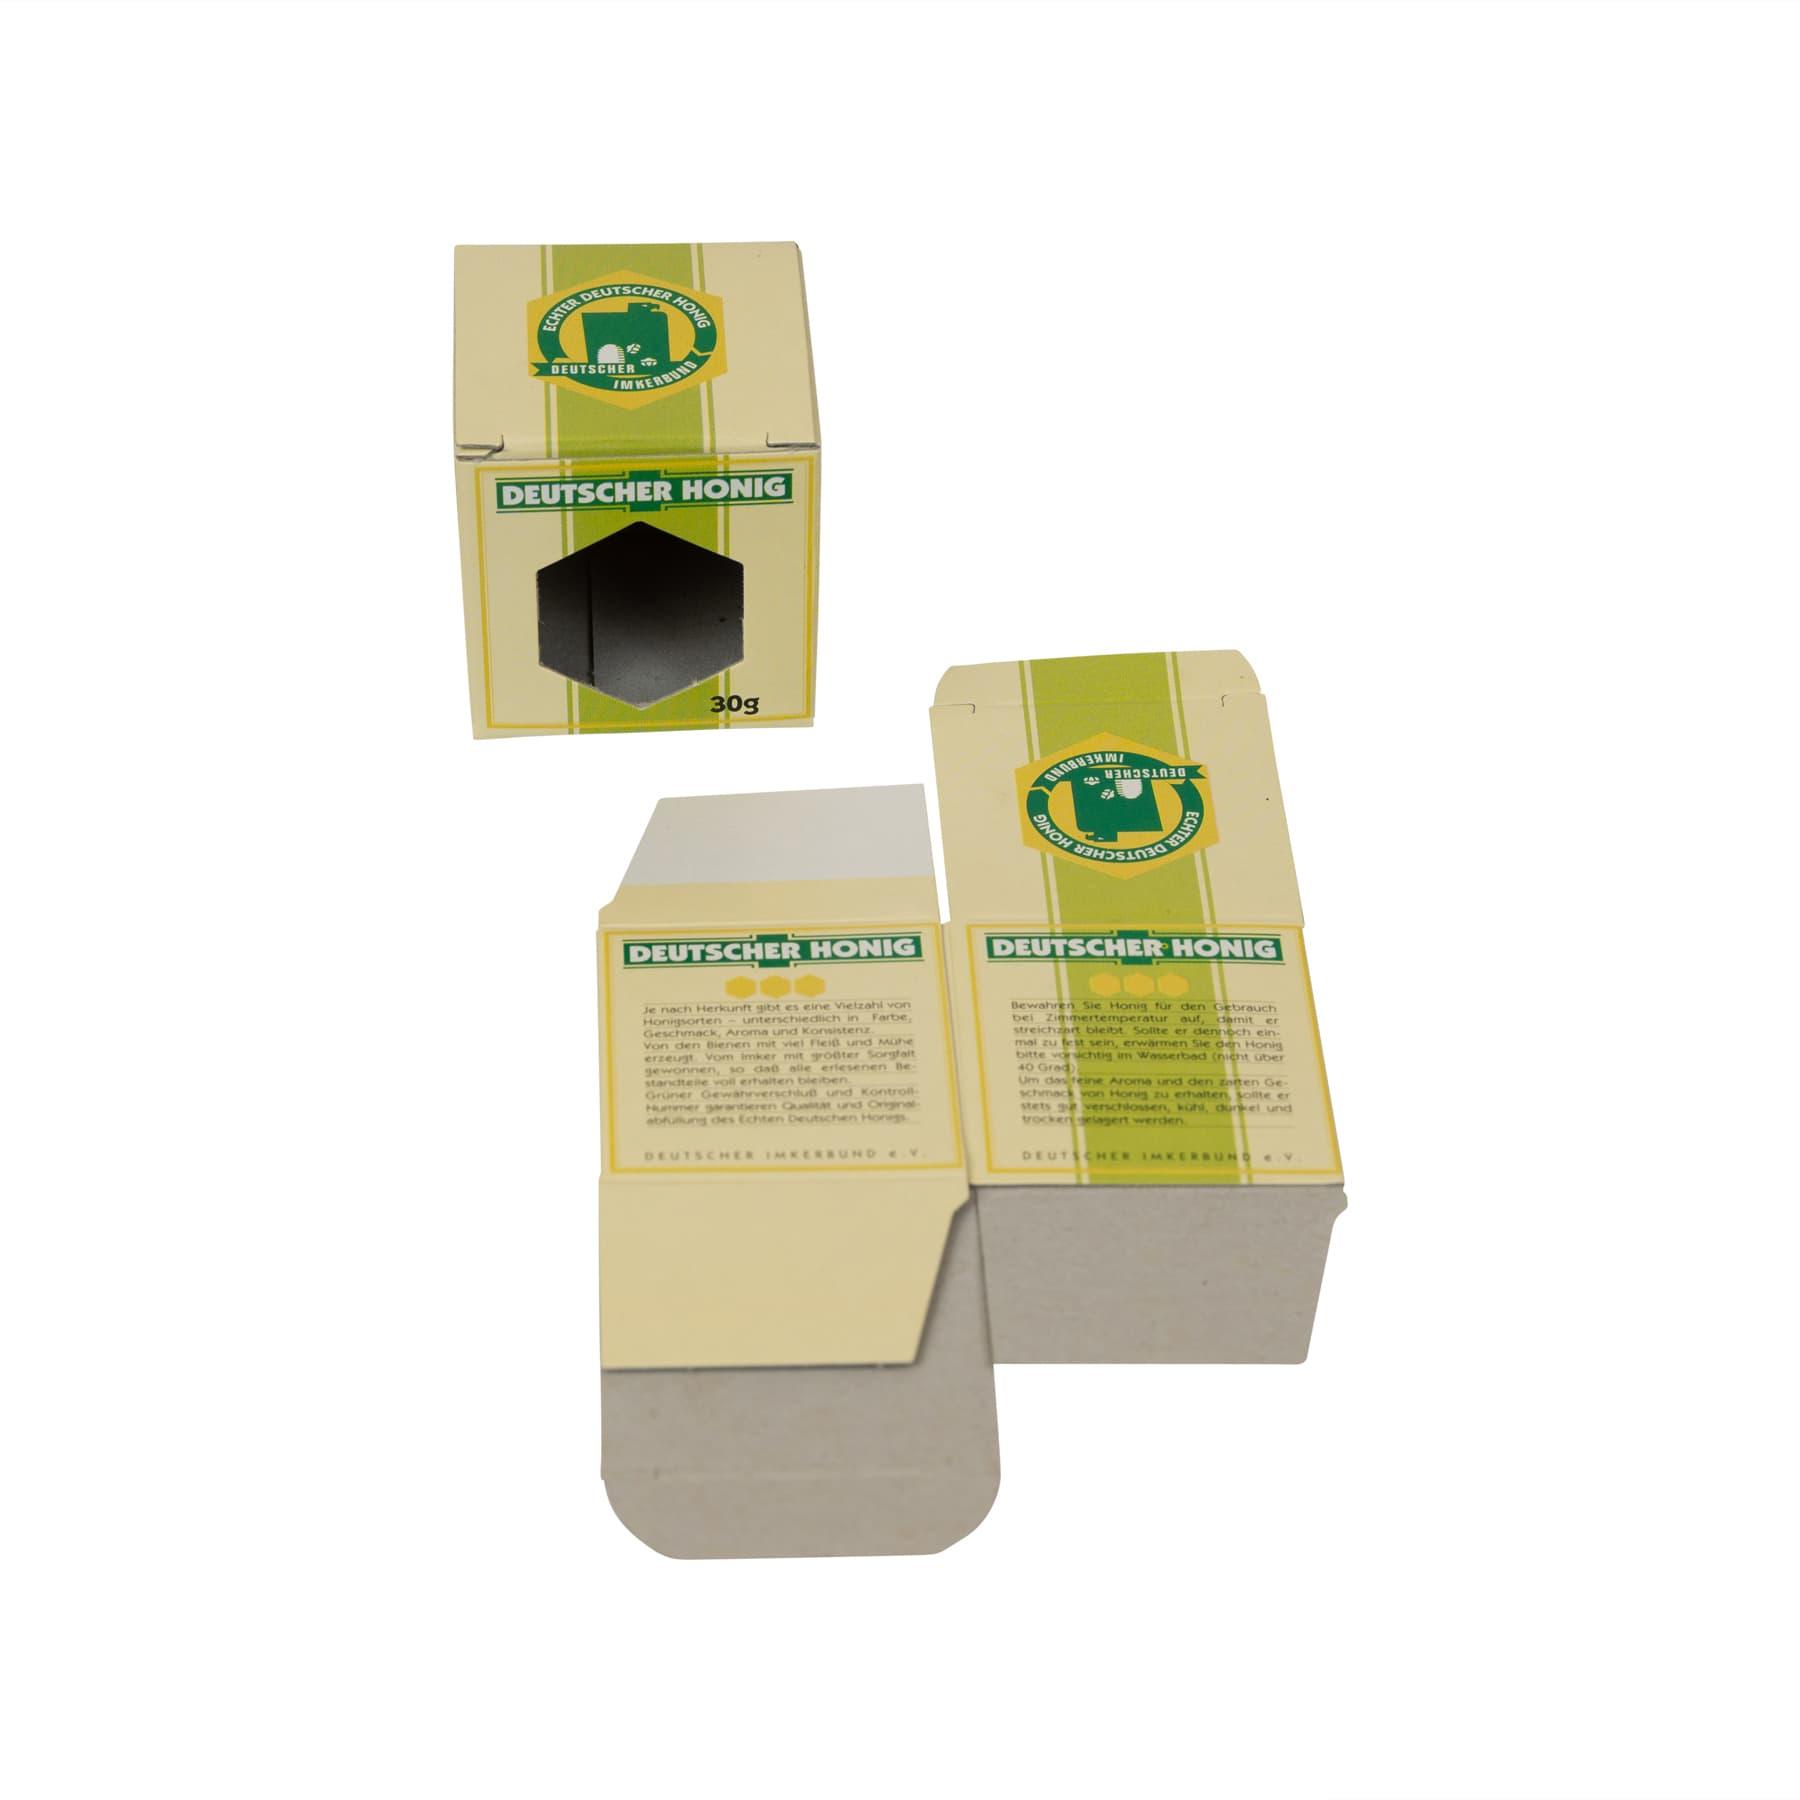 Kartonverpackung für 1 x   30 g Honigglas DIB